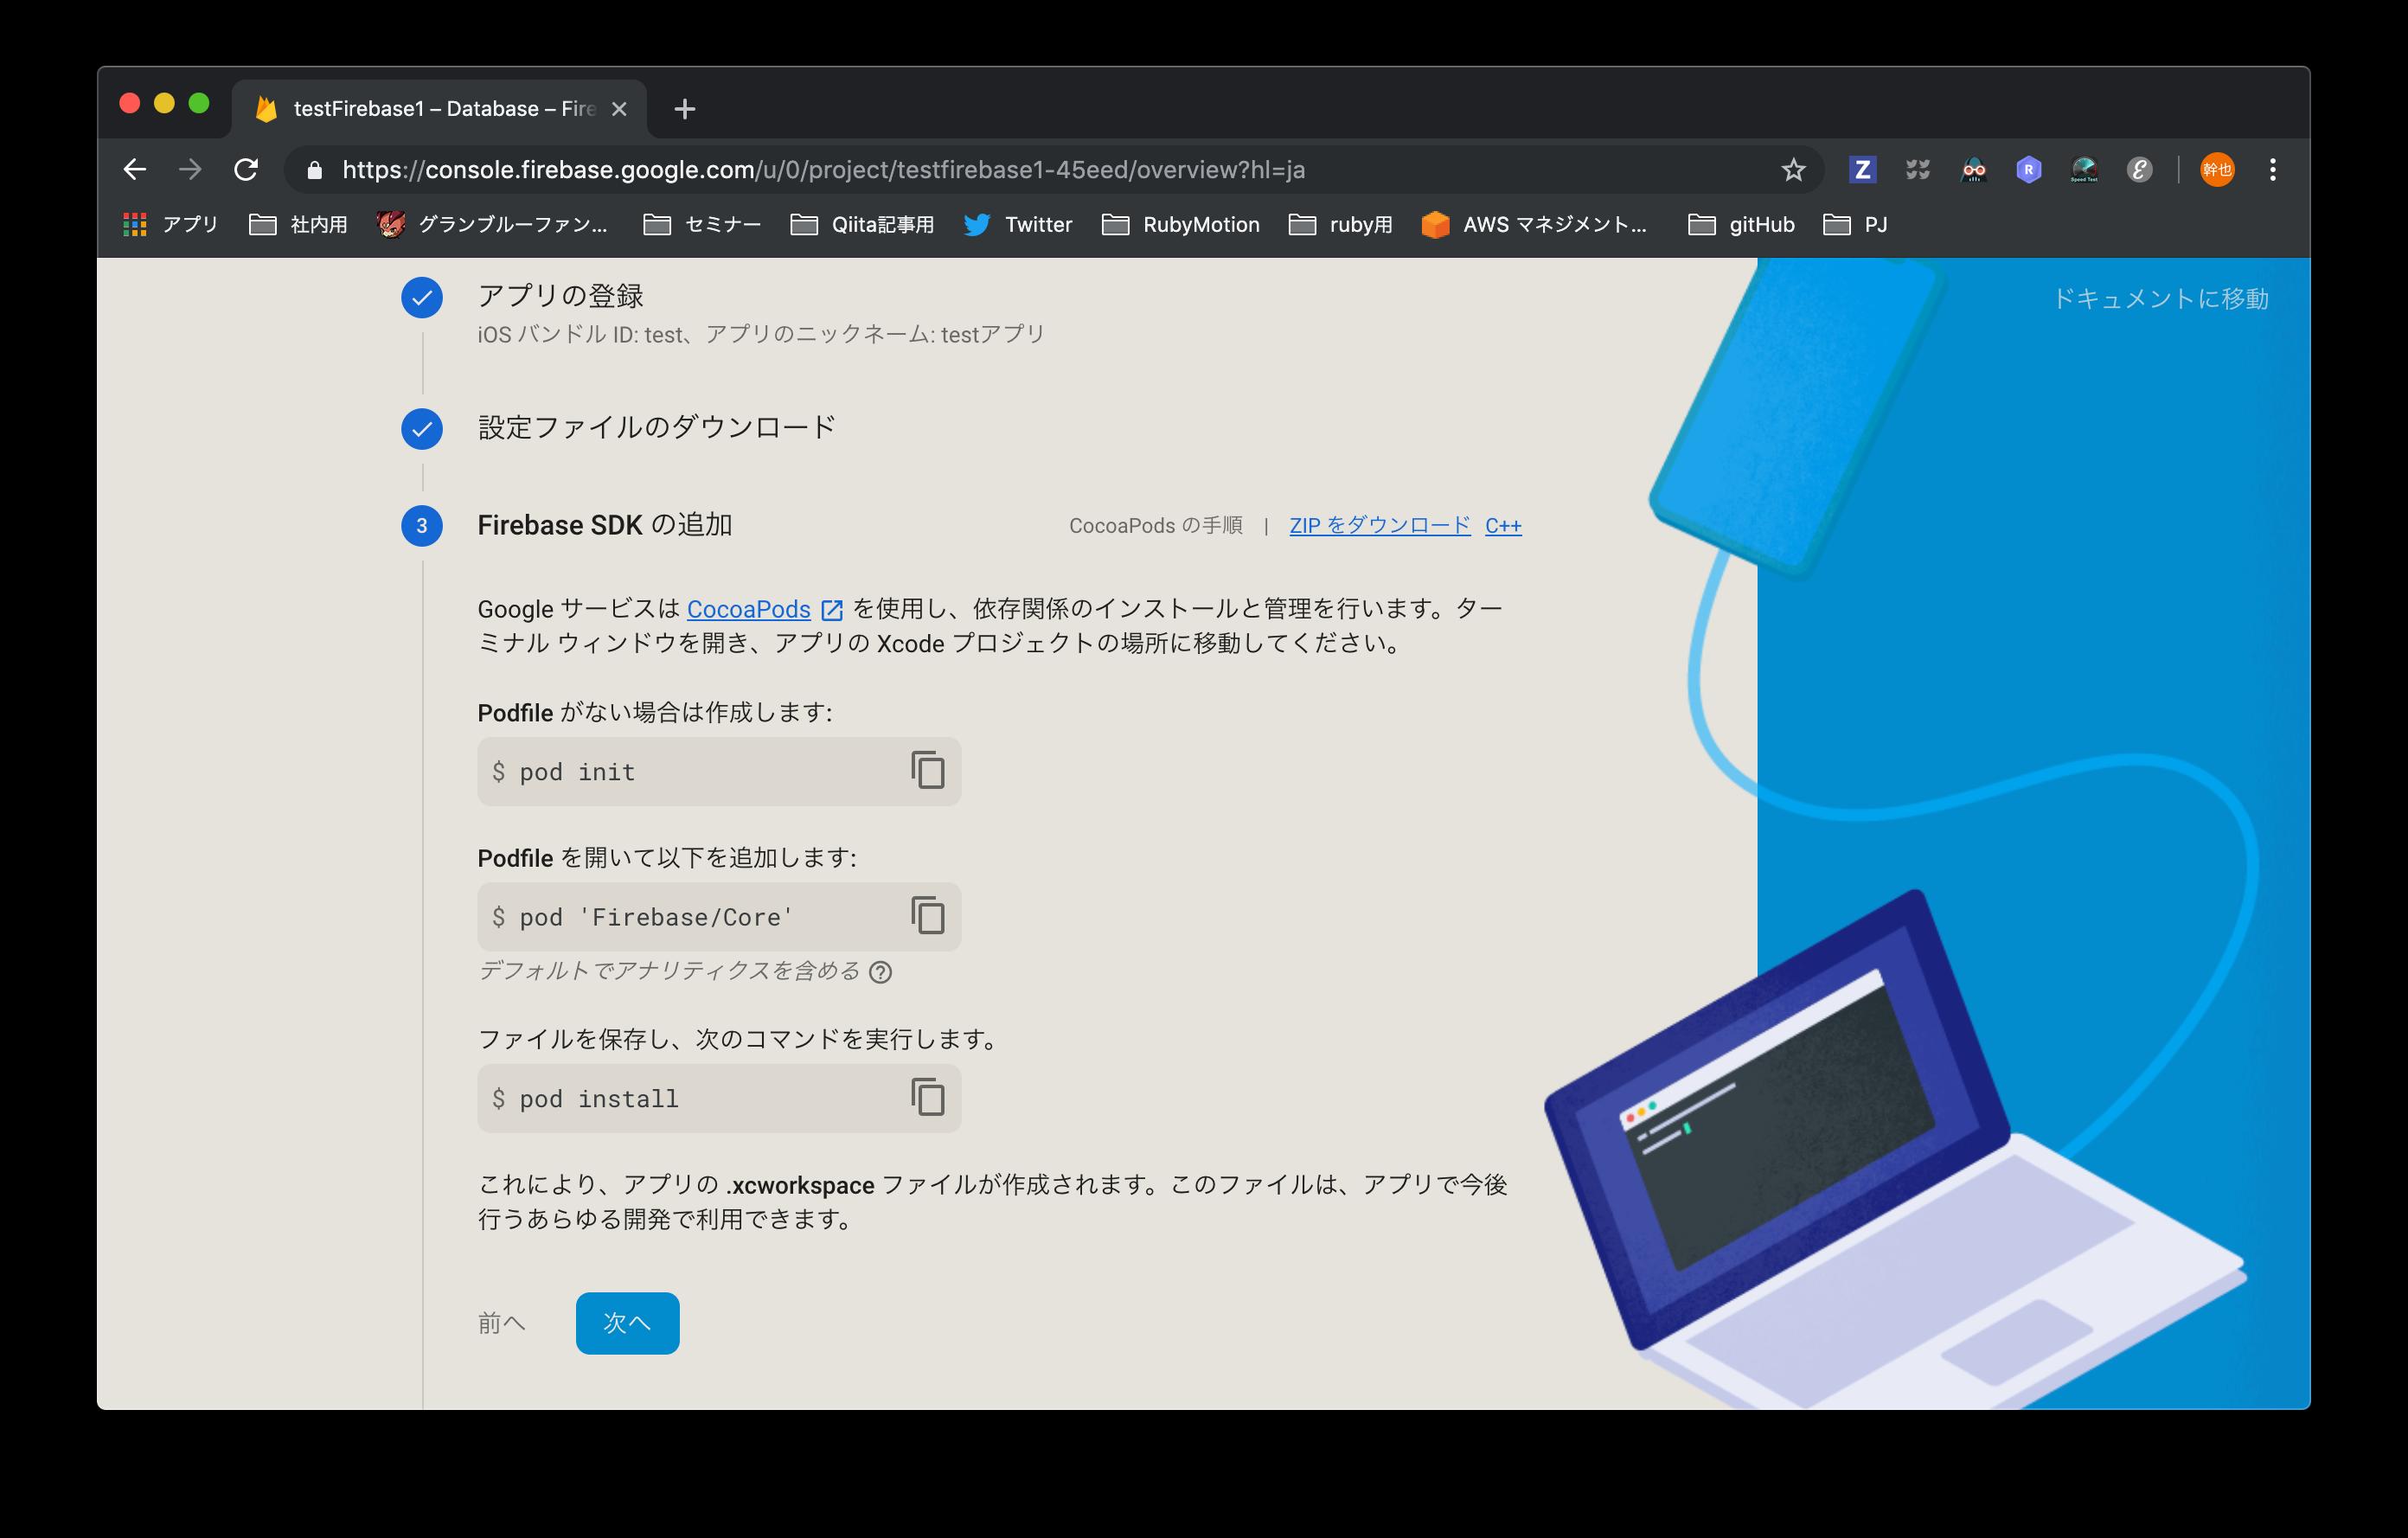 スクリーンショット 2019-07-20 1.24.31.png